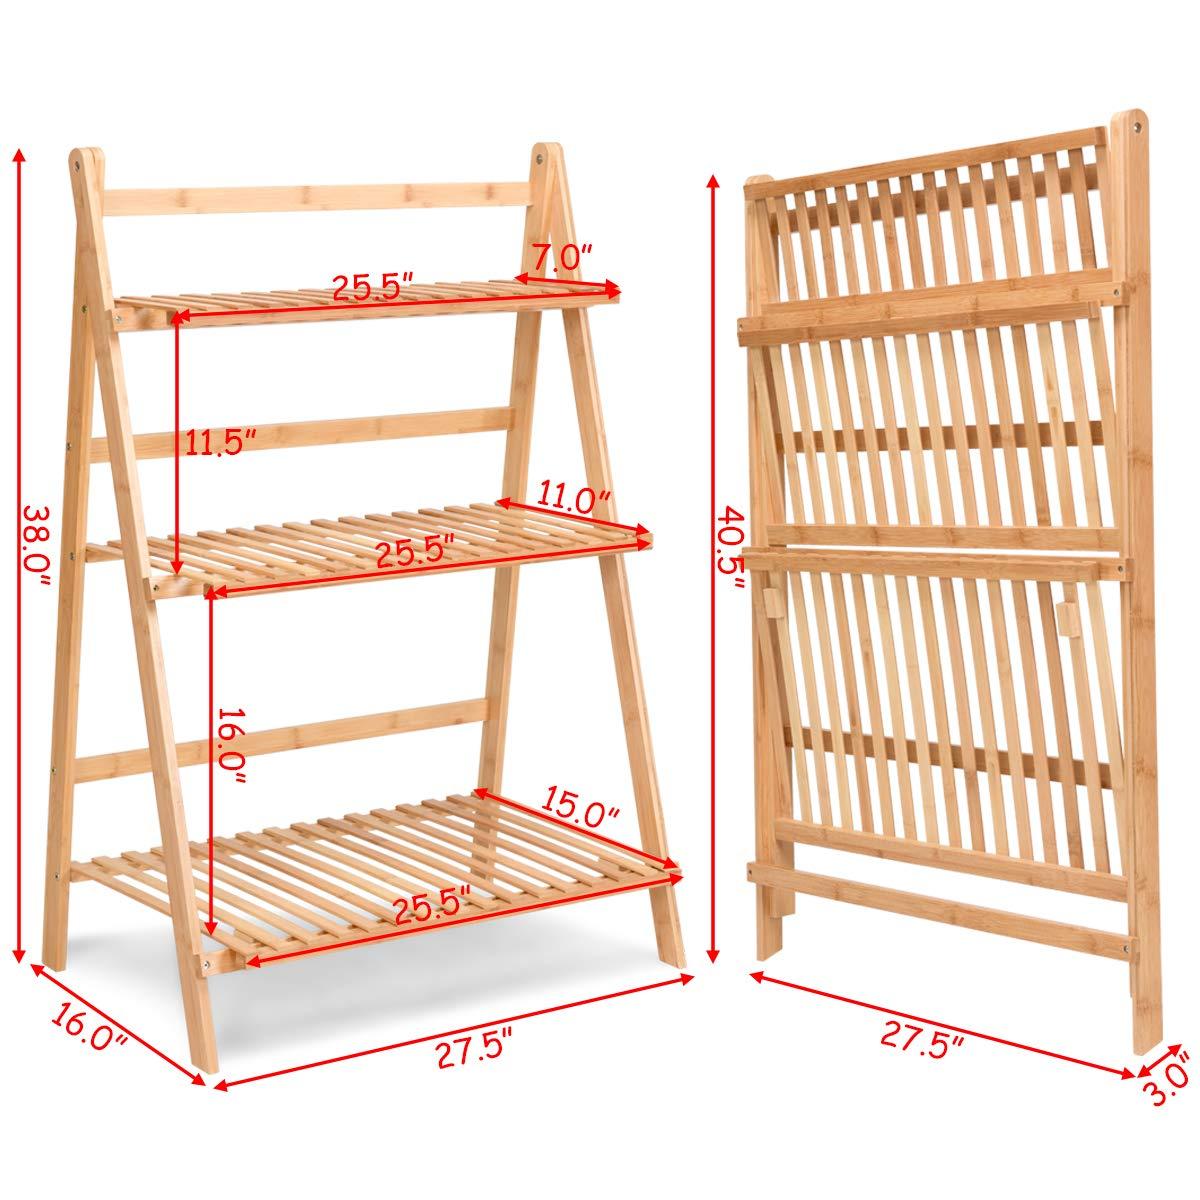 Amazon.com: Costway - Estantería de bambú plegable ...